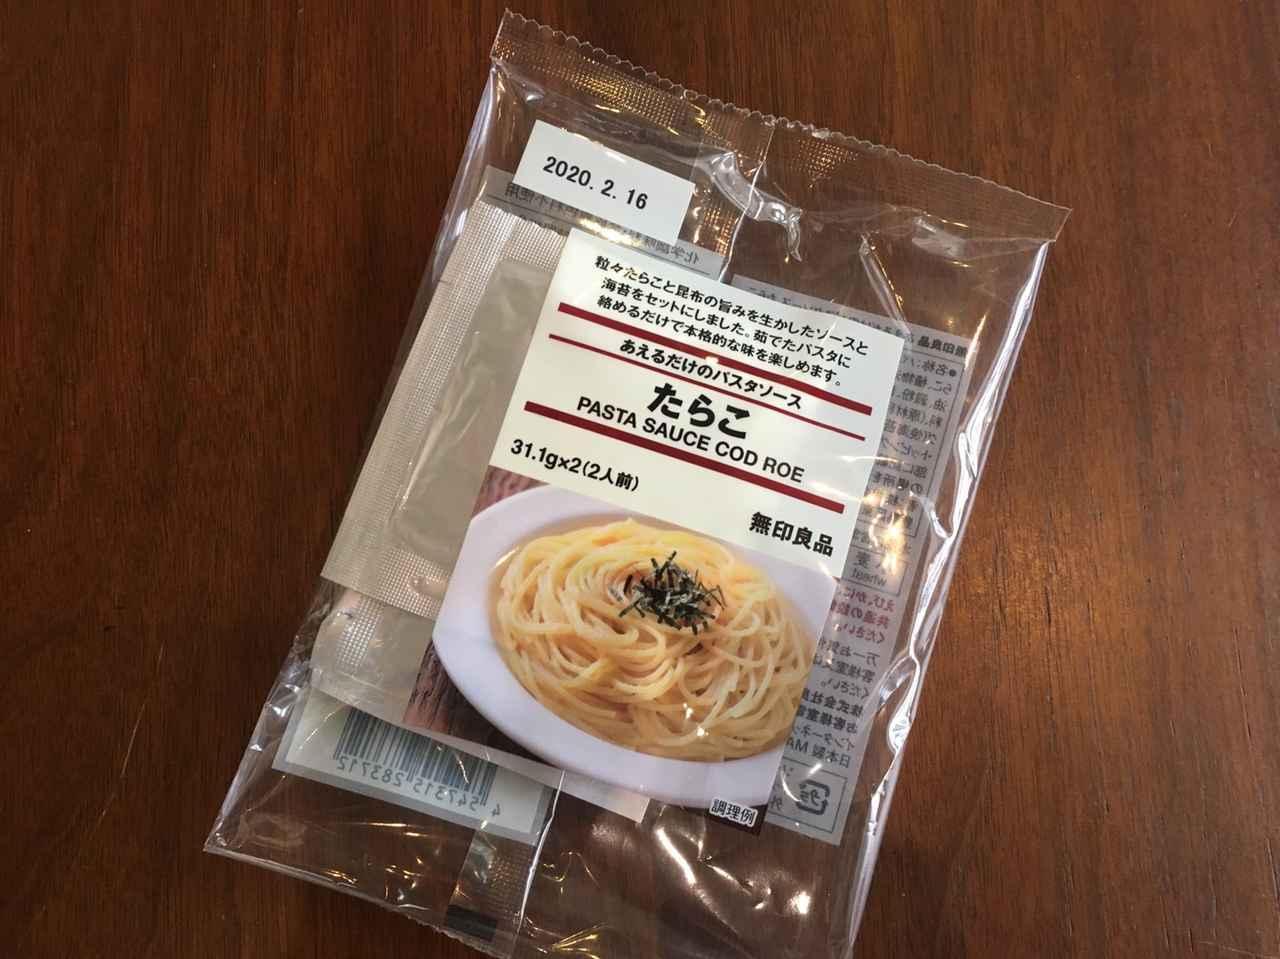 画像: 無印良品はキャンプの味方!キャンプ飯におすすめな食品&その他使えるアイテムまとめ - ハピキャン(HAPPY CAMPER)